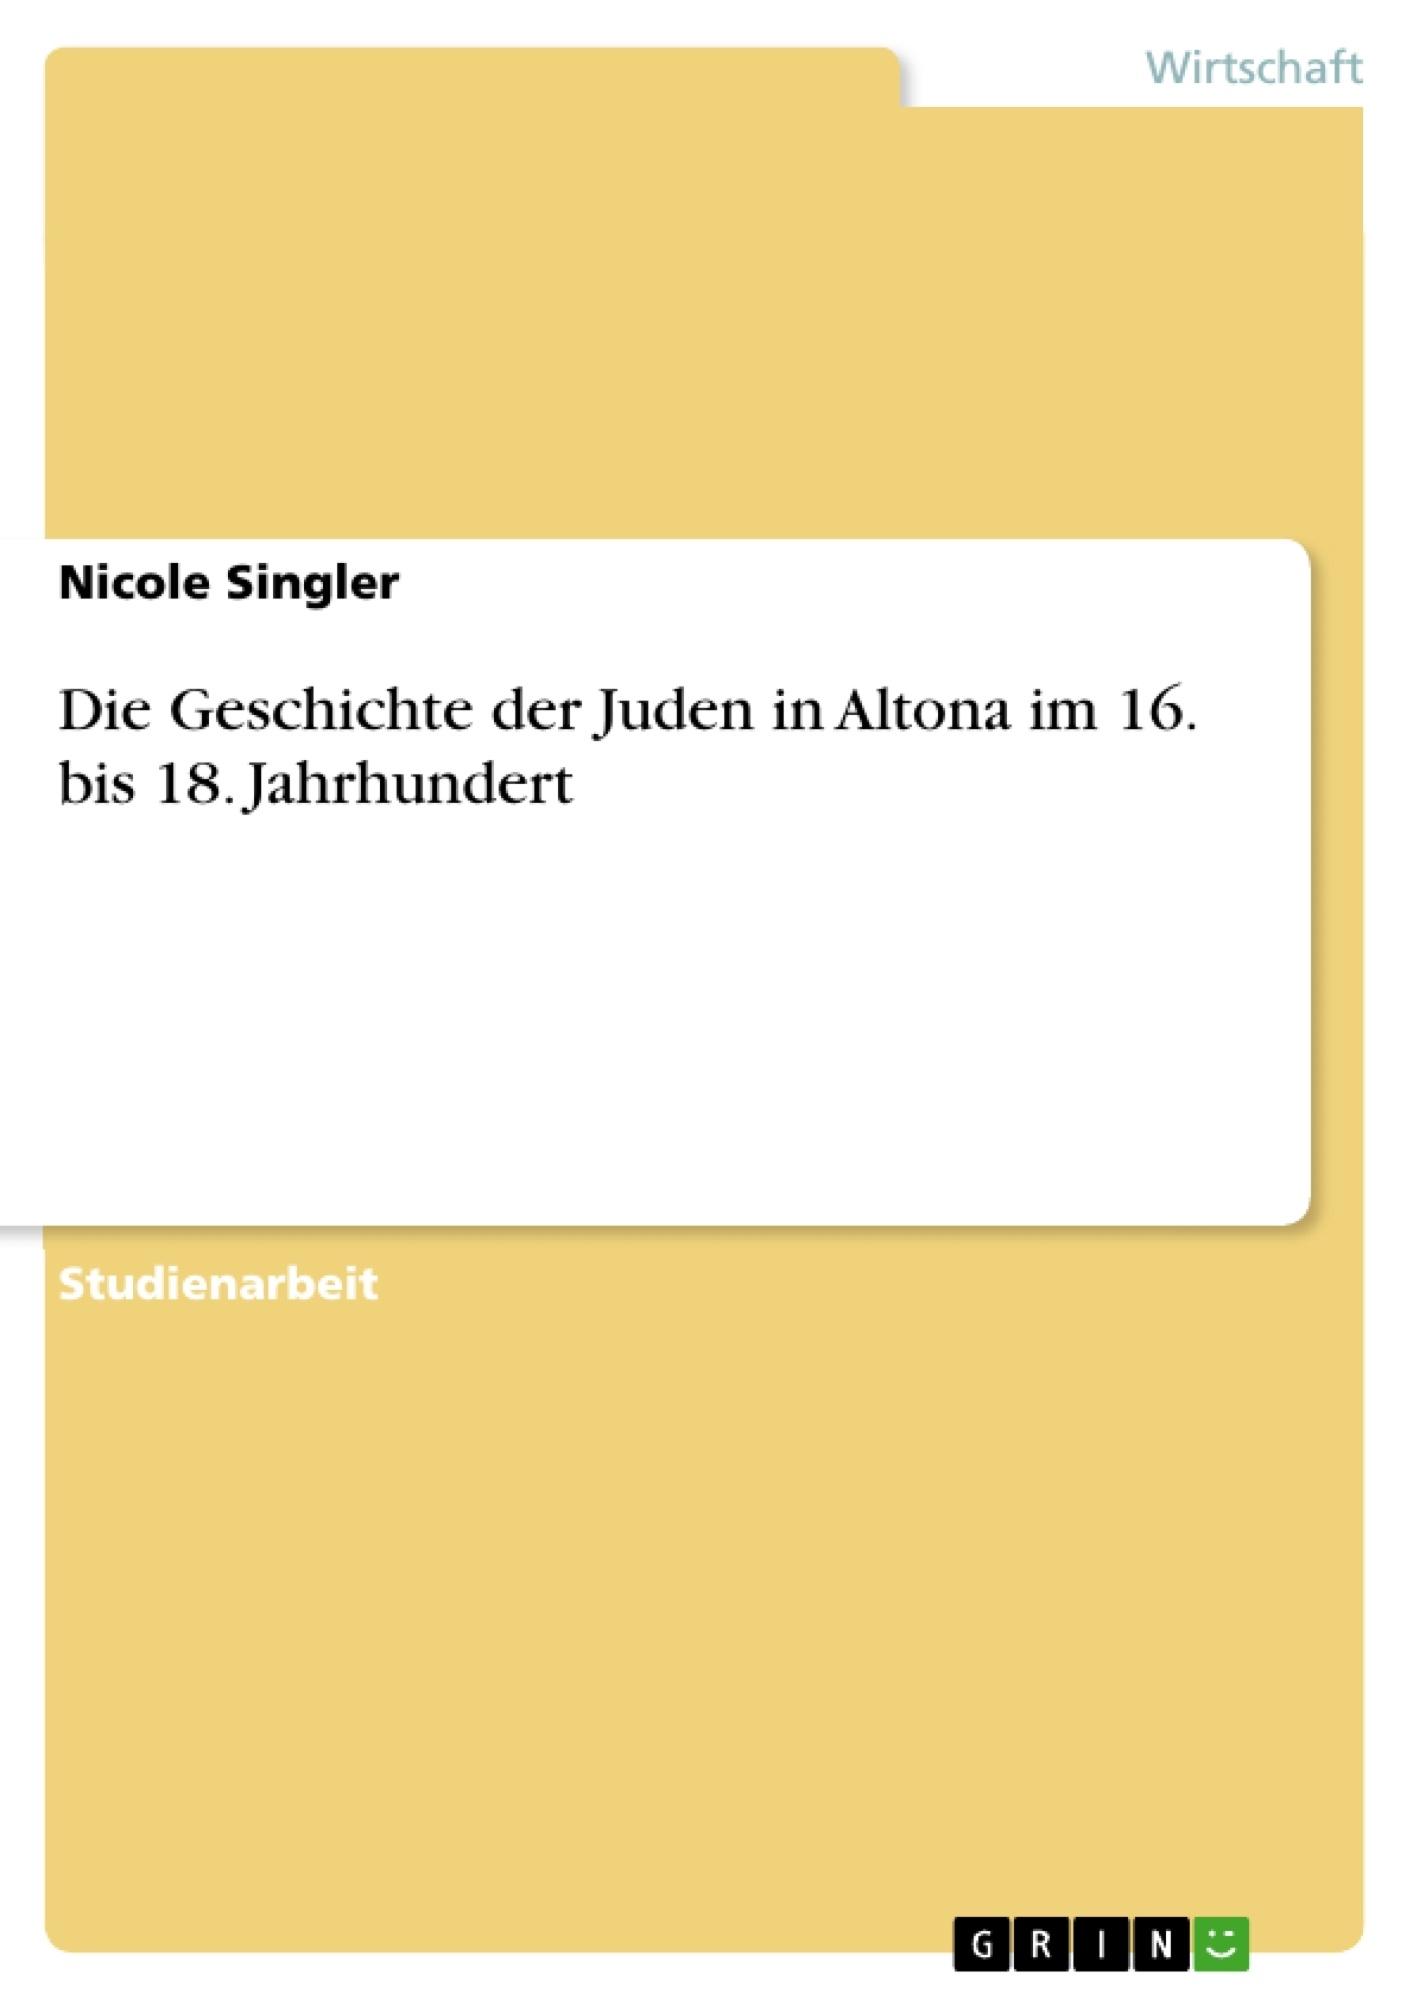 Titel: Die Geschichte der Juden in Altona im 16. bis 18. Jahrhundert